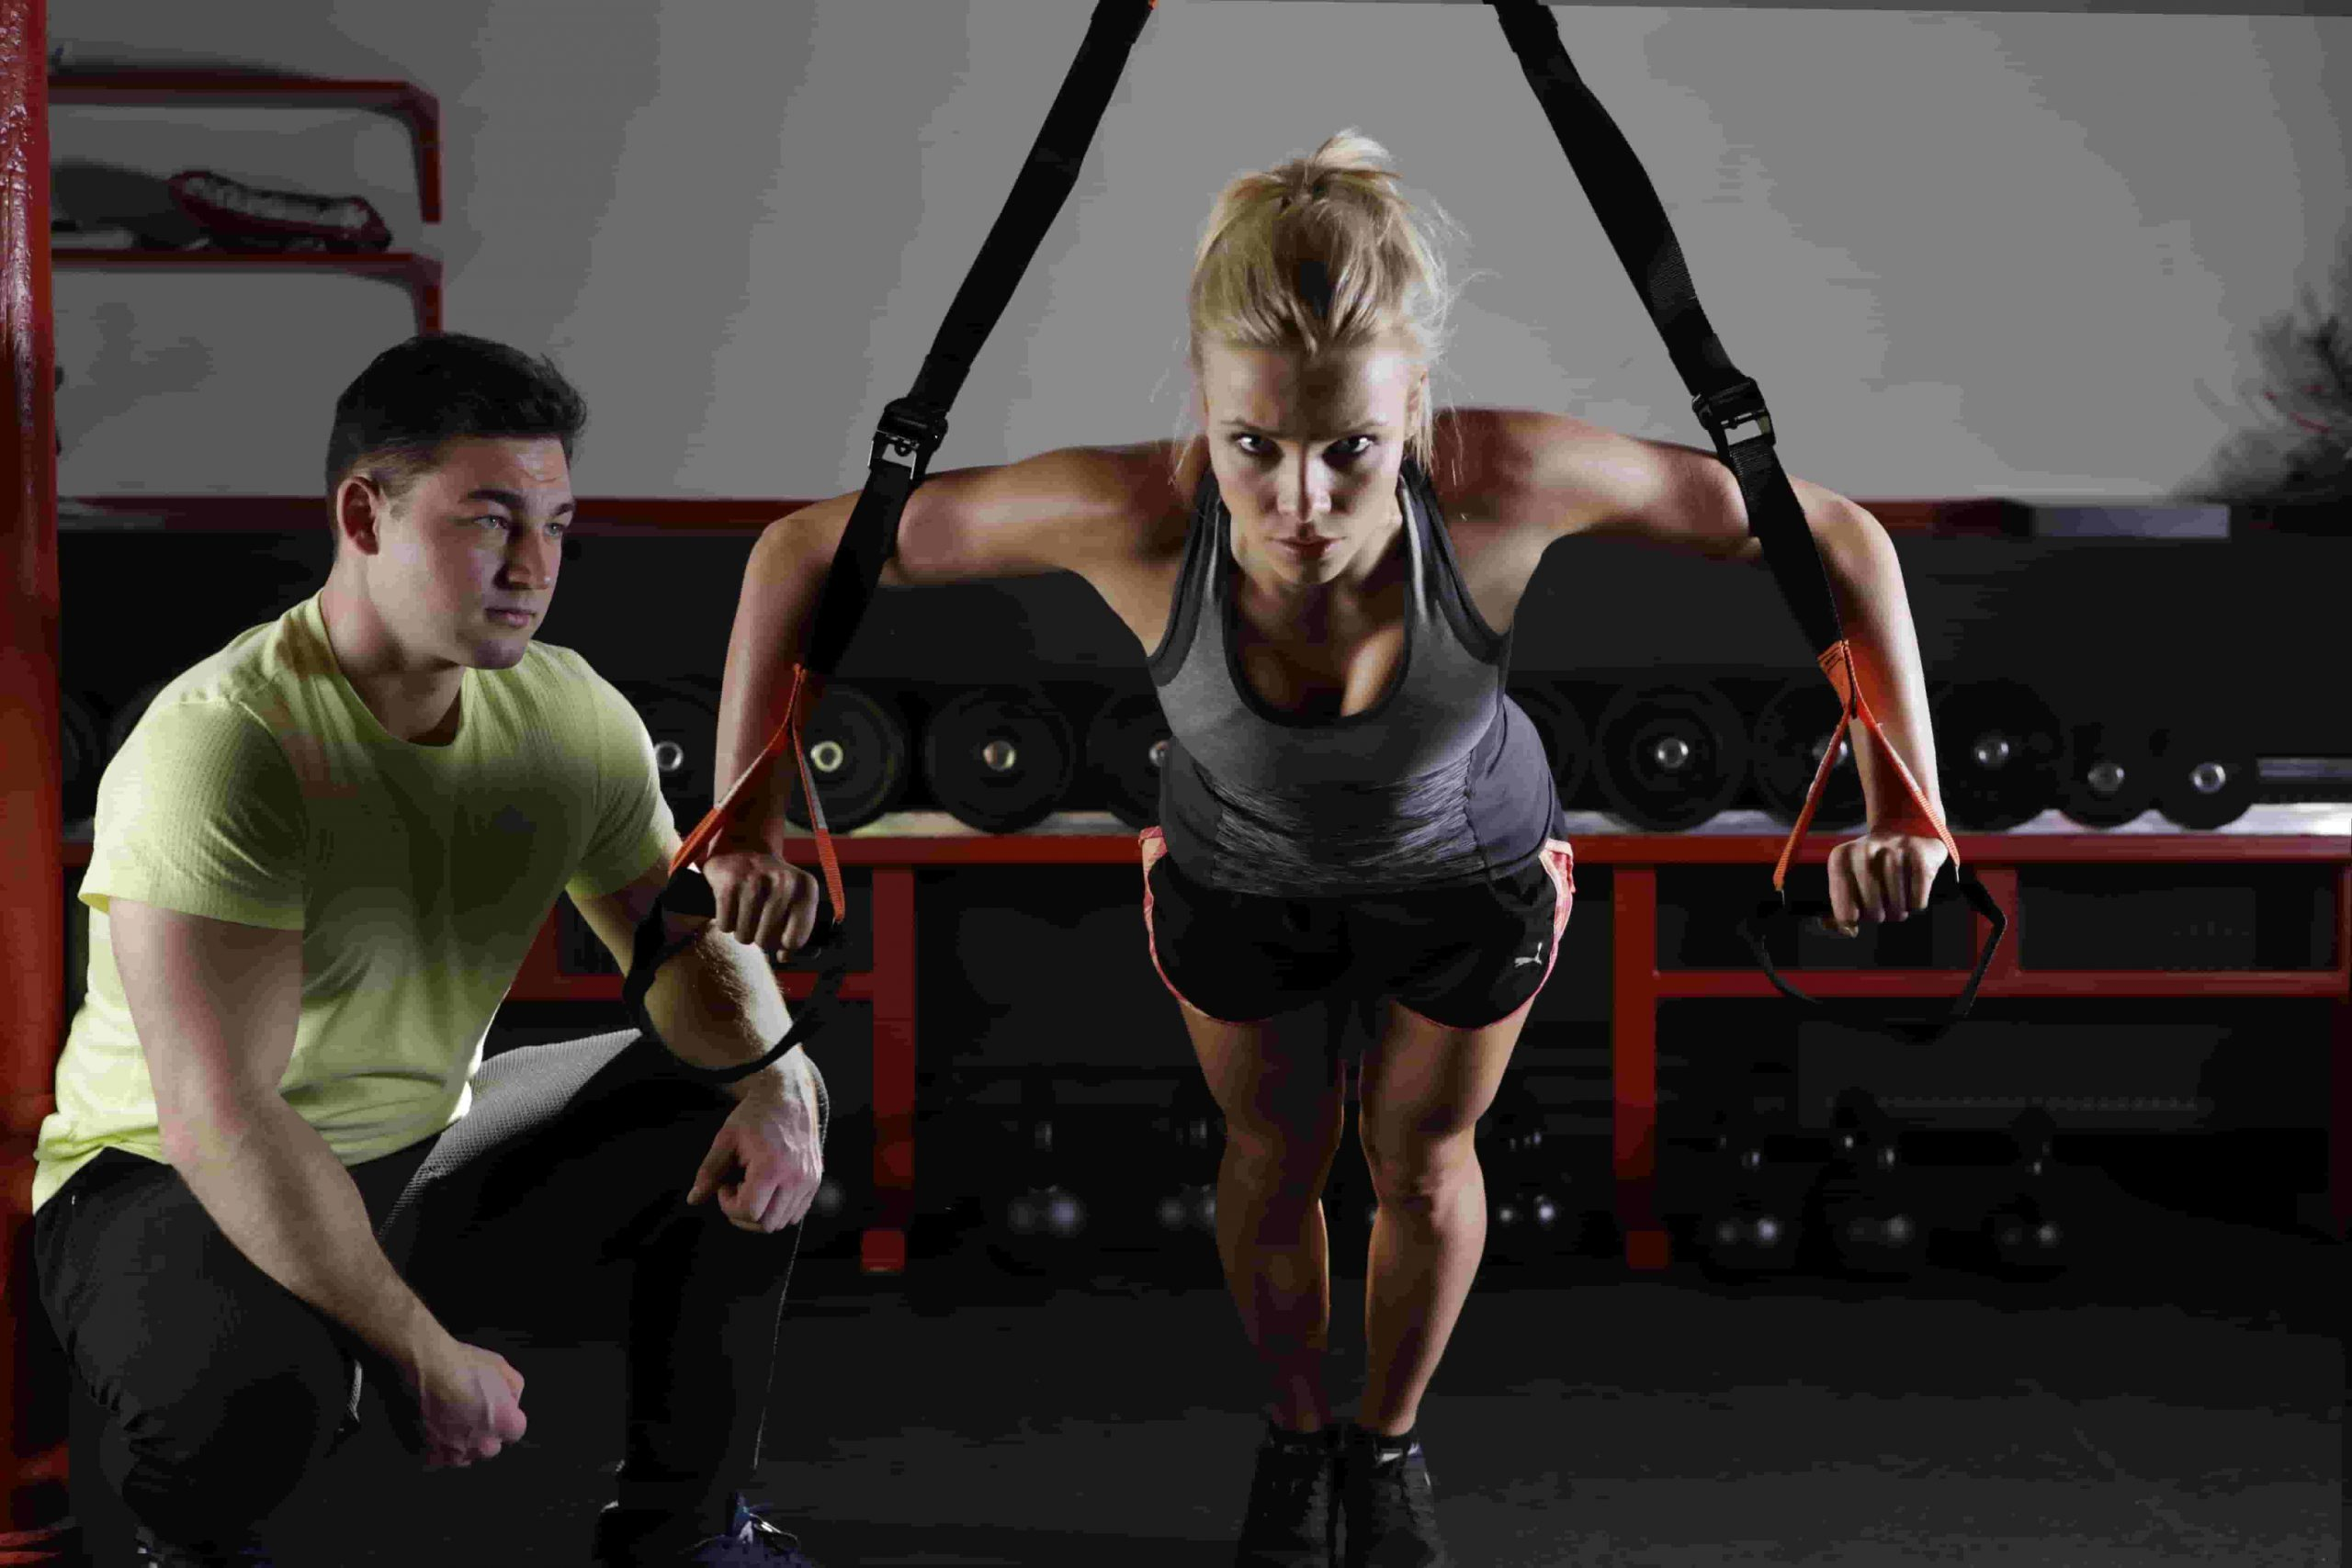 Fitnessstudio oder Homegym